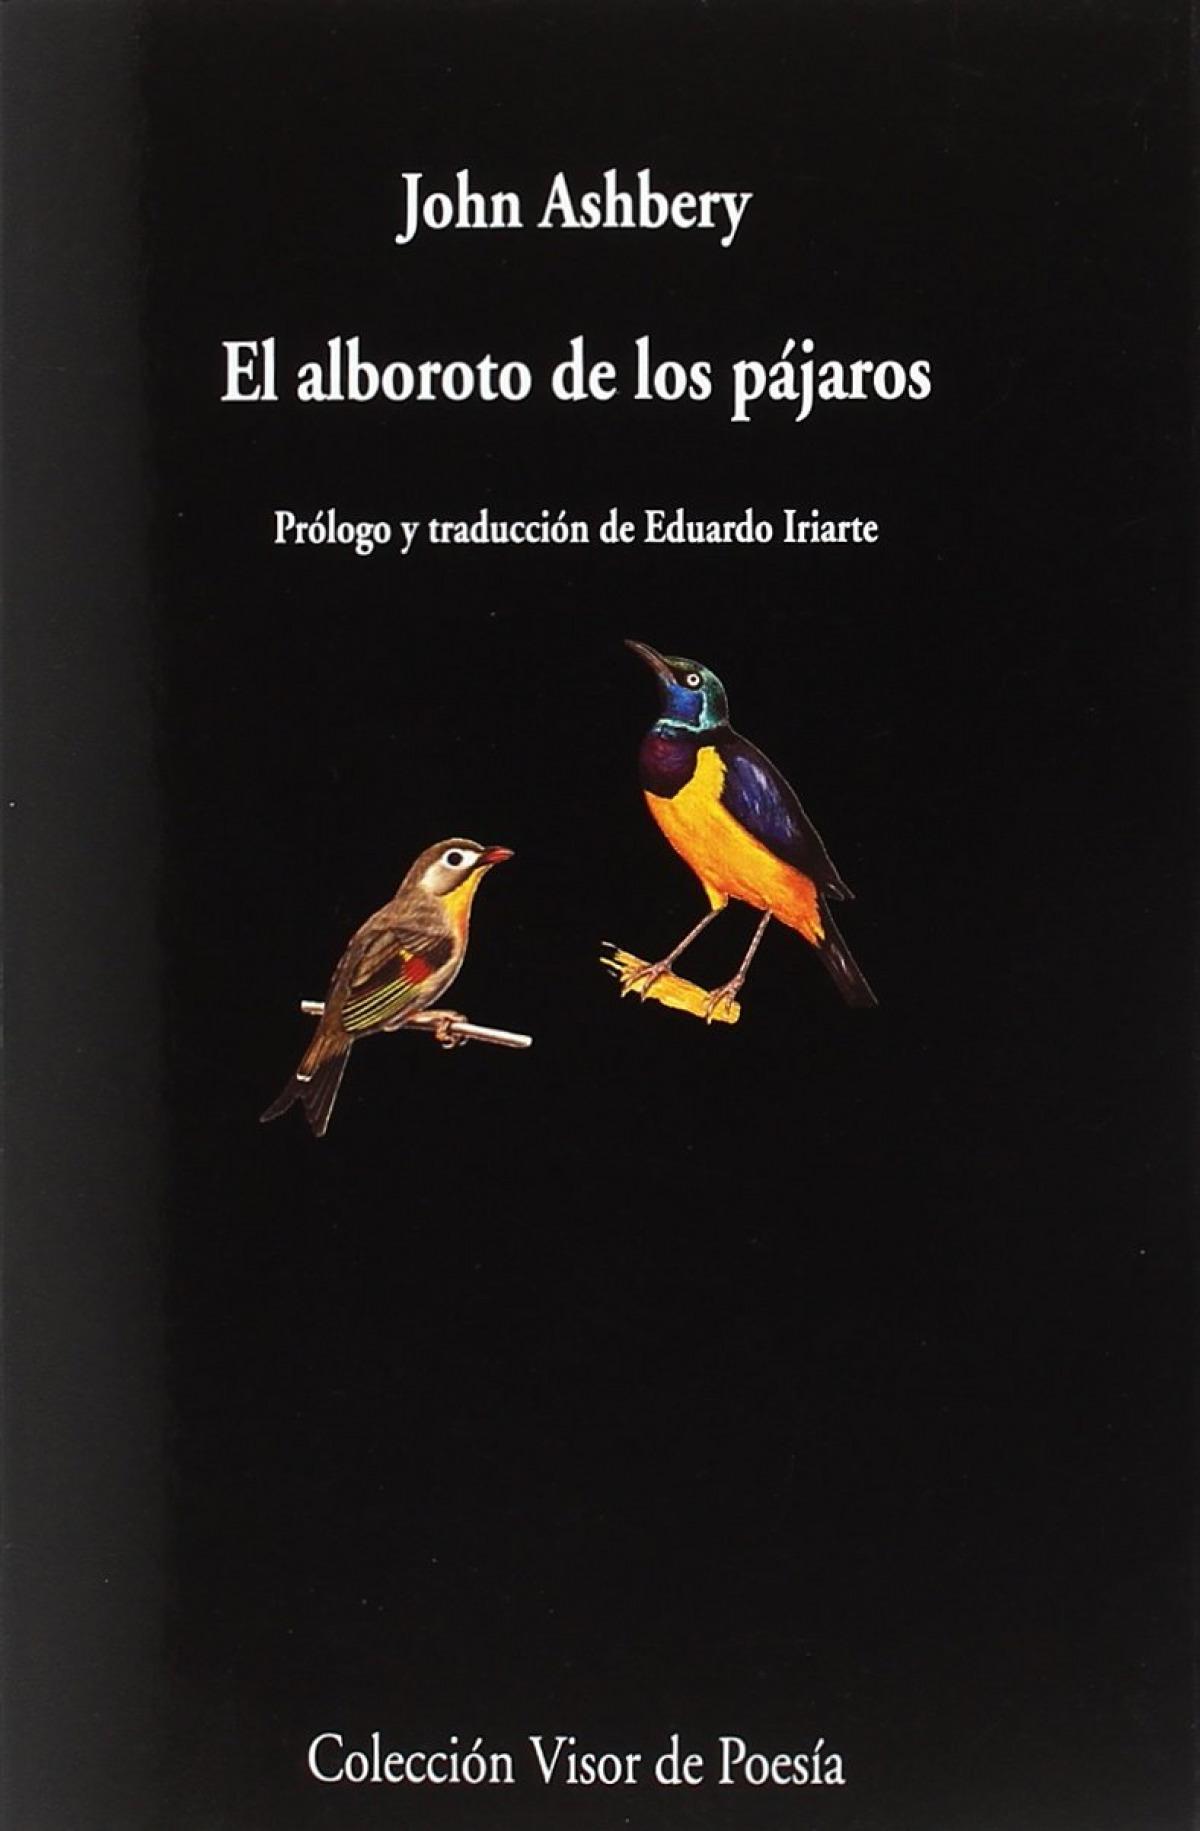 EL ALBOROTO DE LOS PÁJAROS